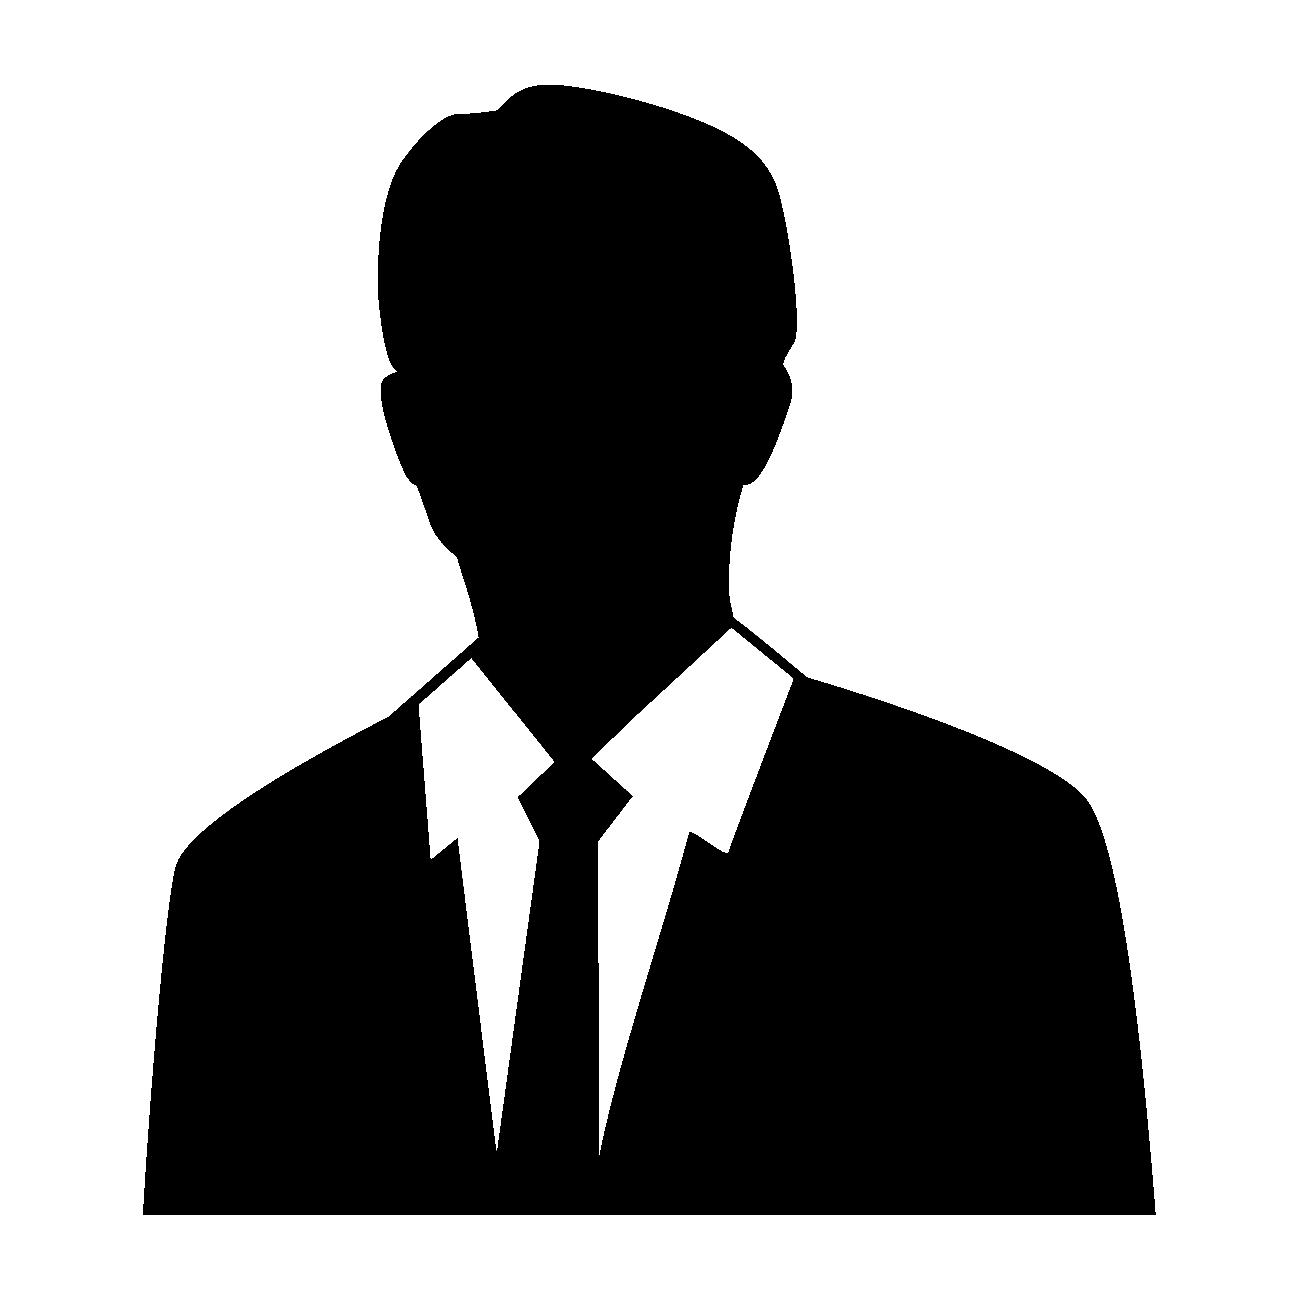 Avatar représentant un homme en cravate